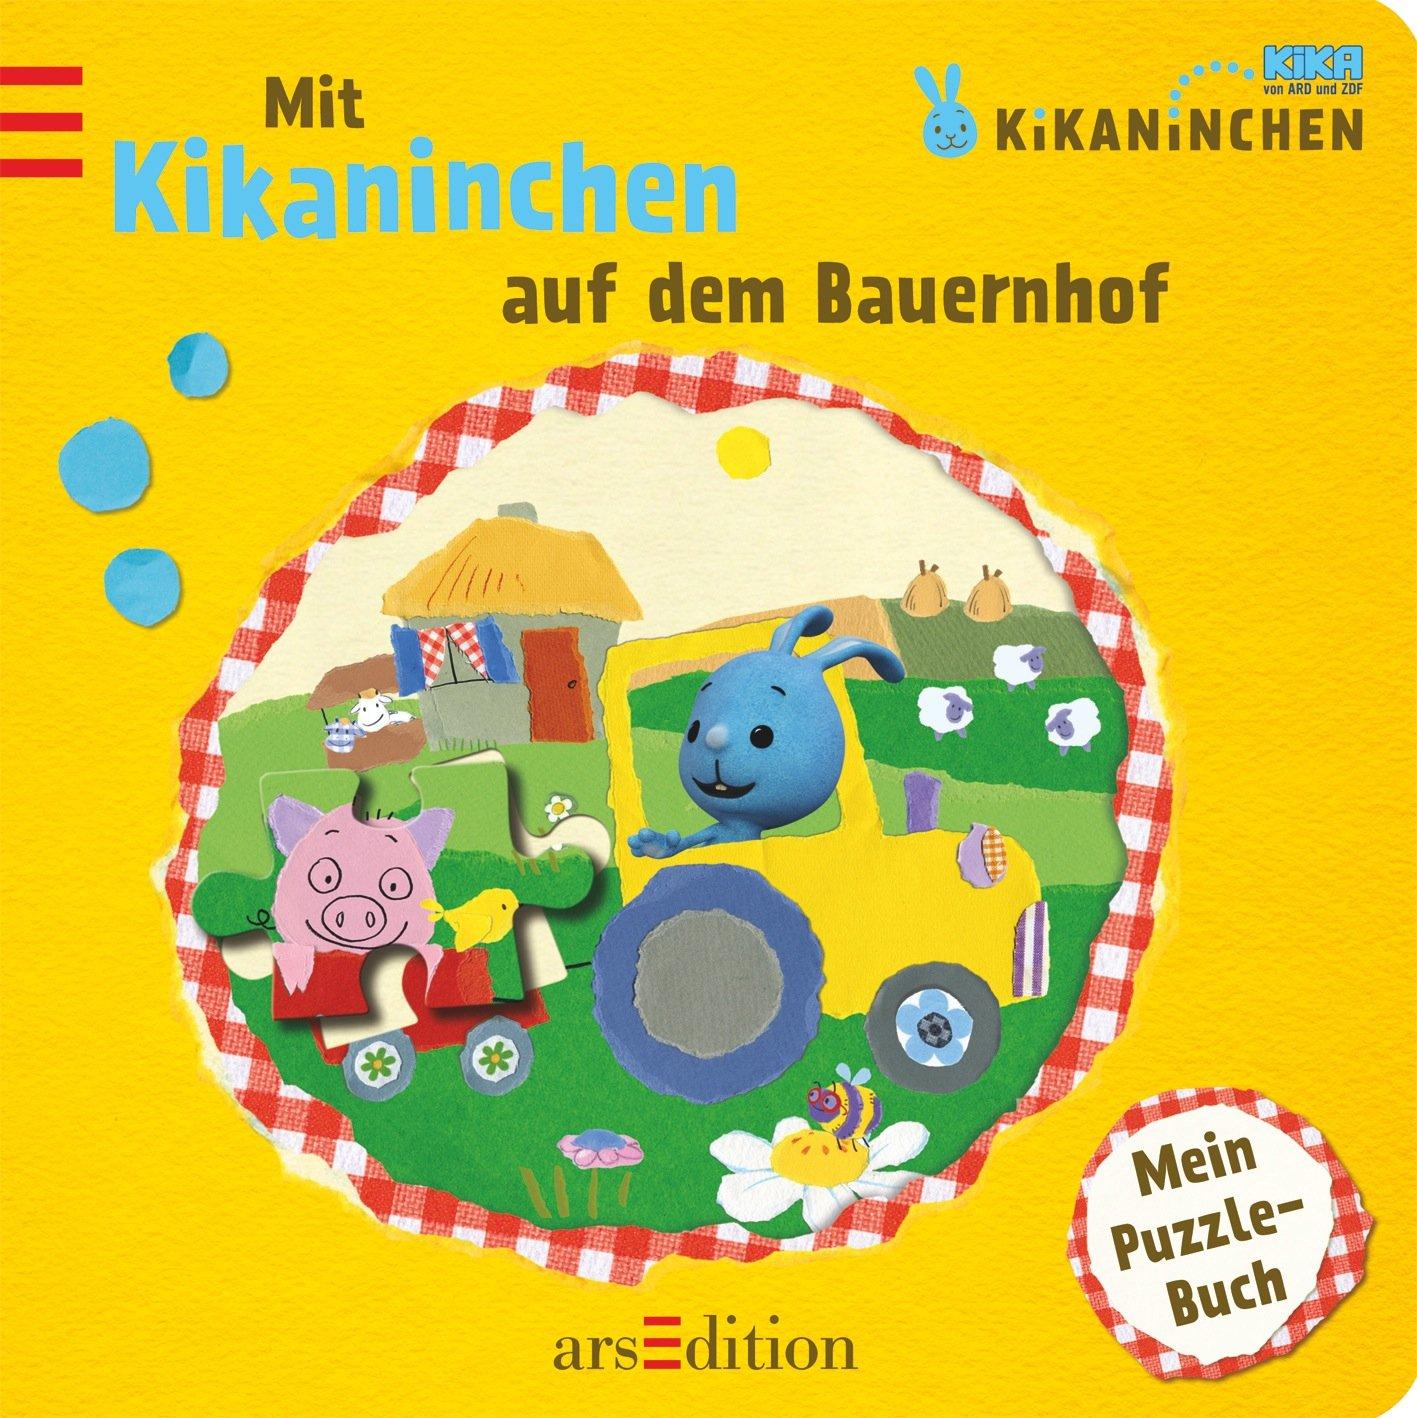 kikaninchen-mit-kikaninchen-auf-dem-bauernhof-mein-puzzle-buch